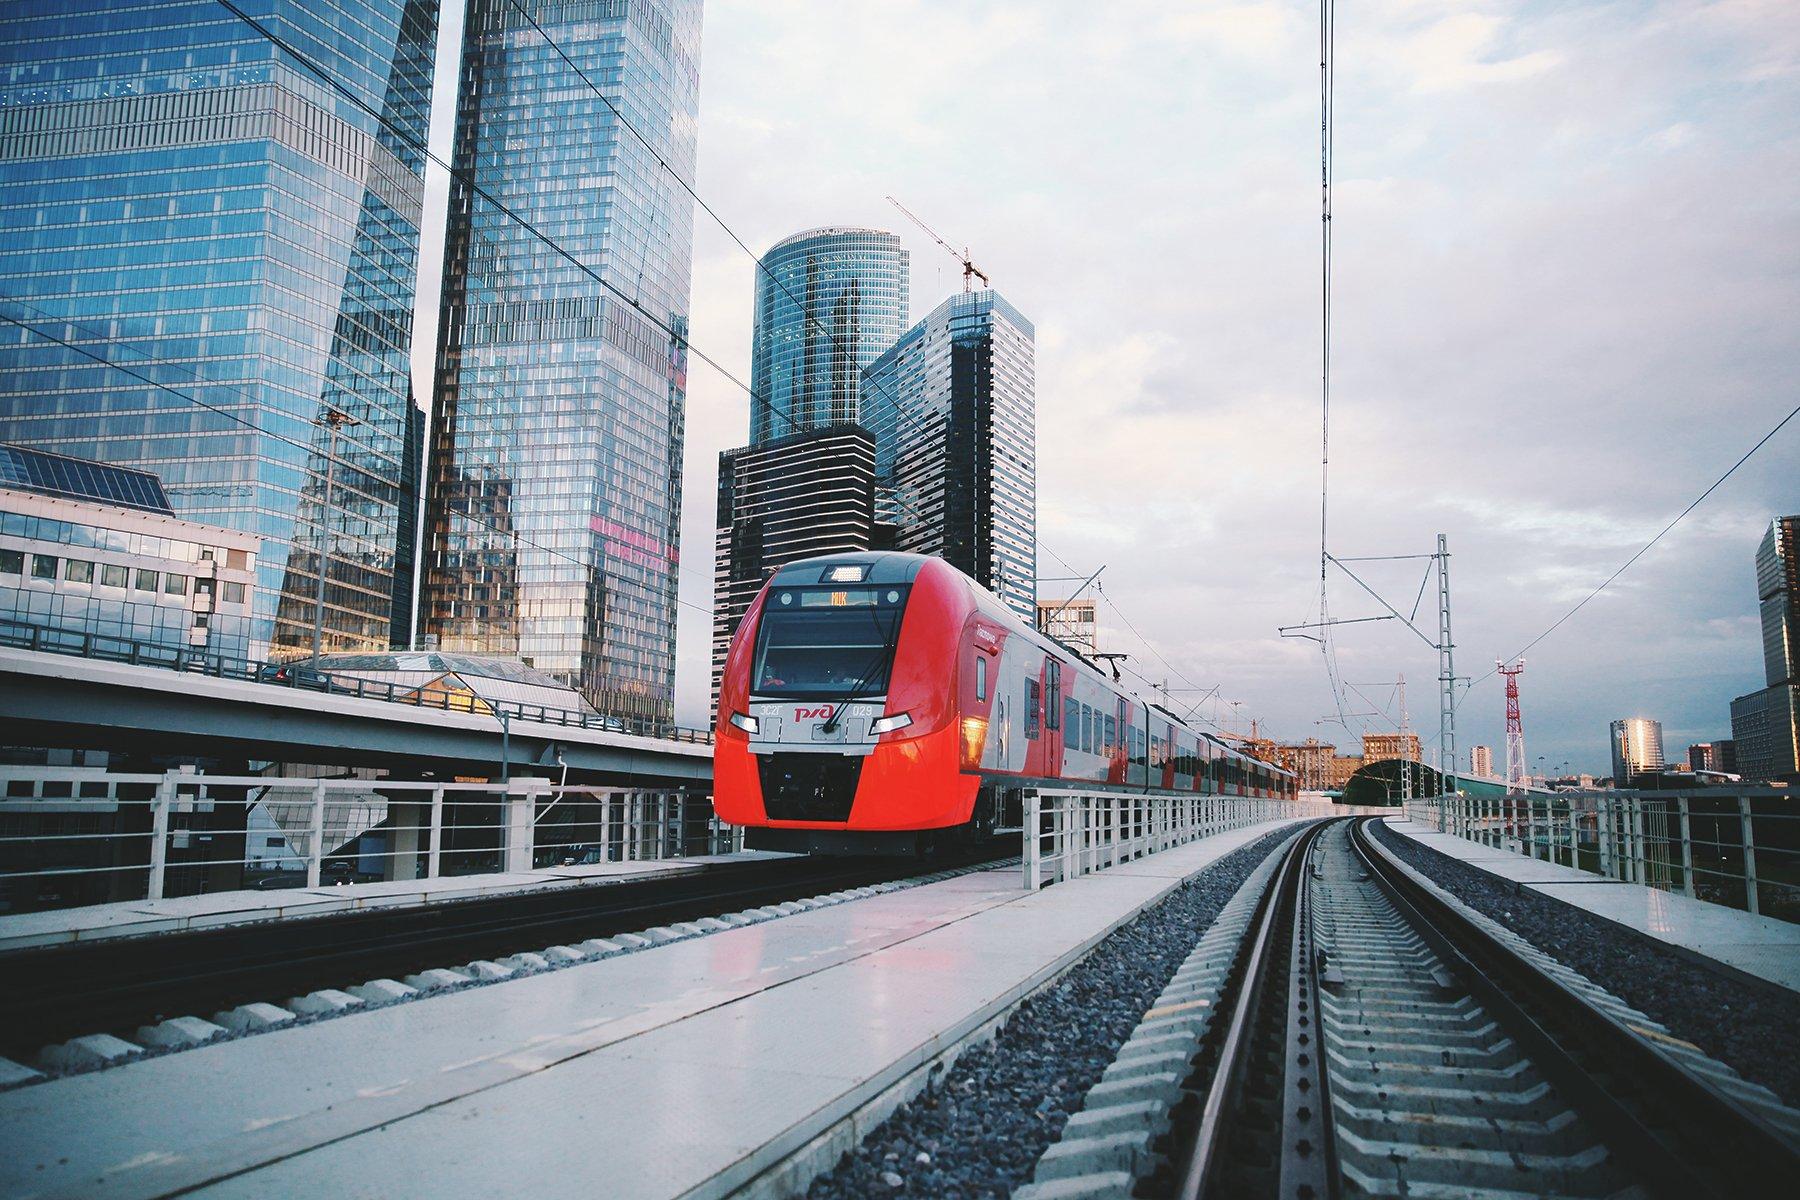 Руководство МЦК похвасталось новым рекордом пассажирских перевозок